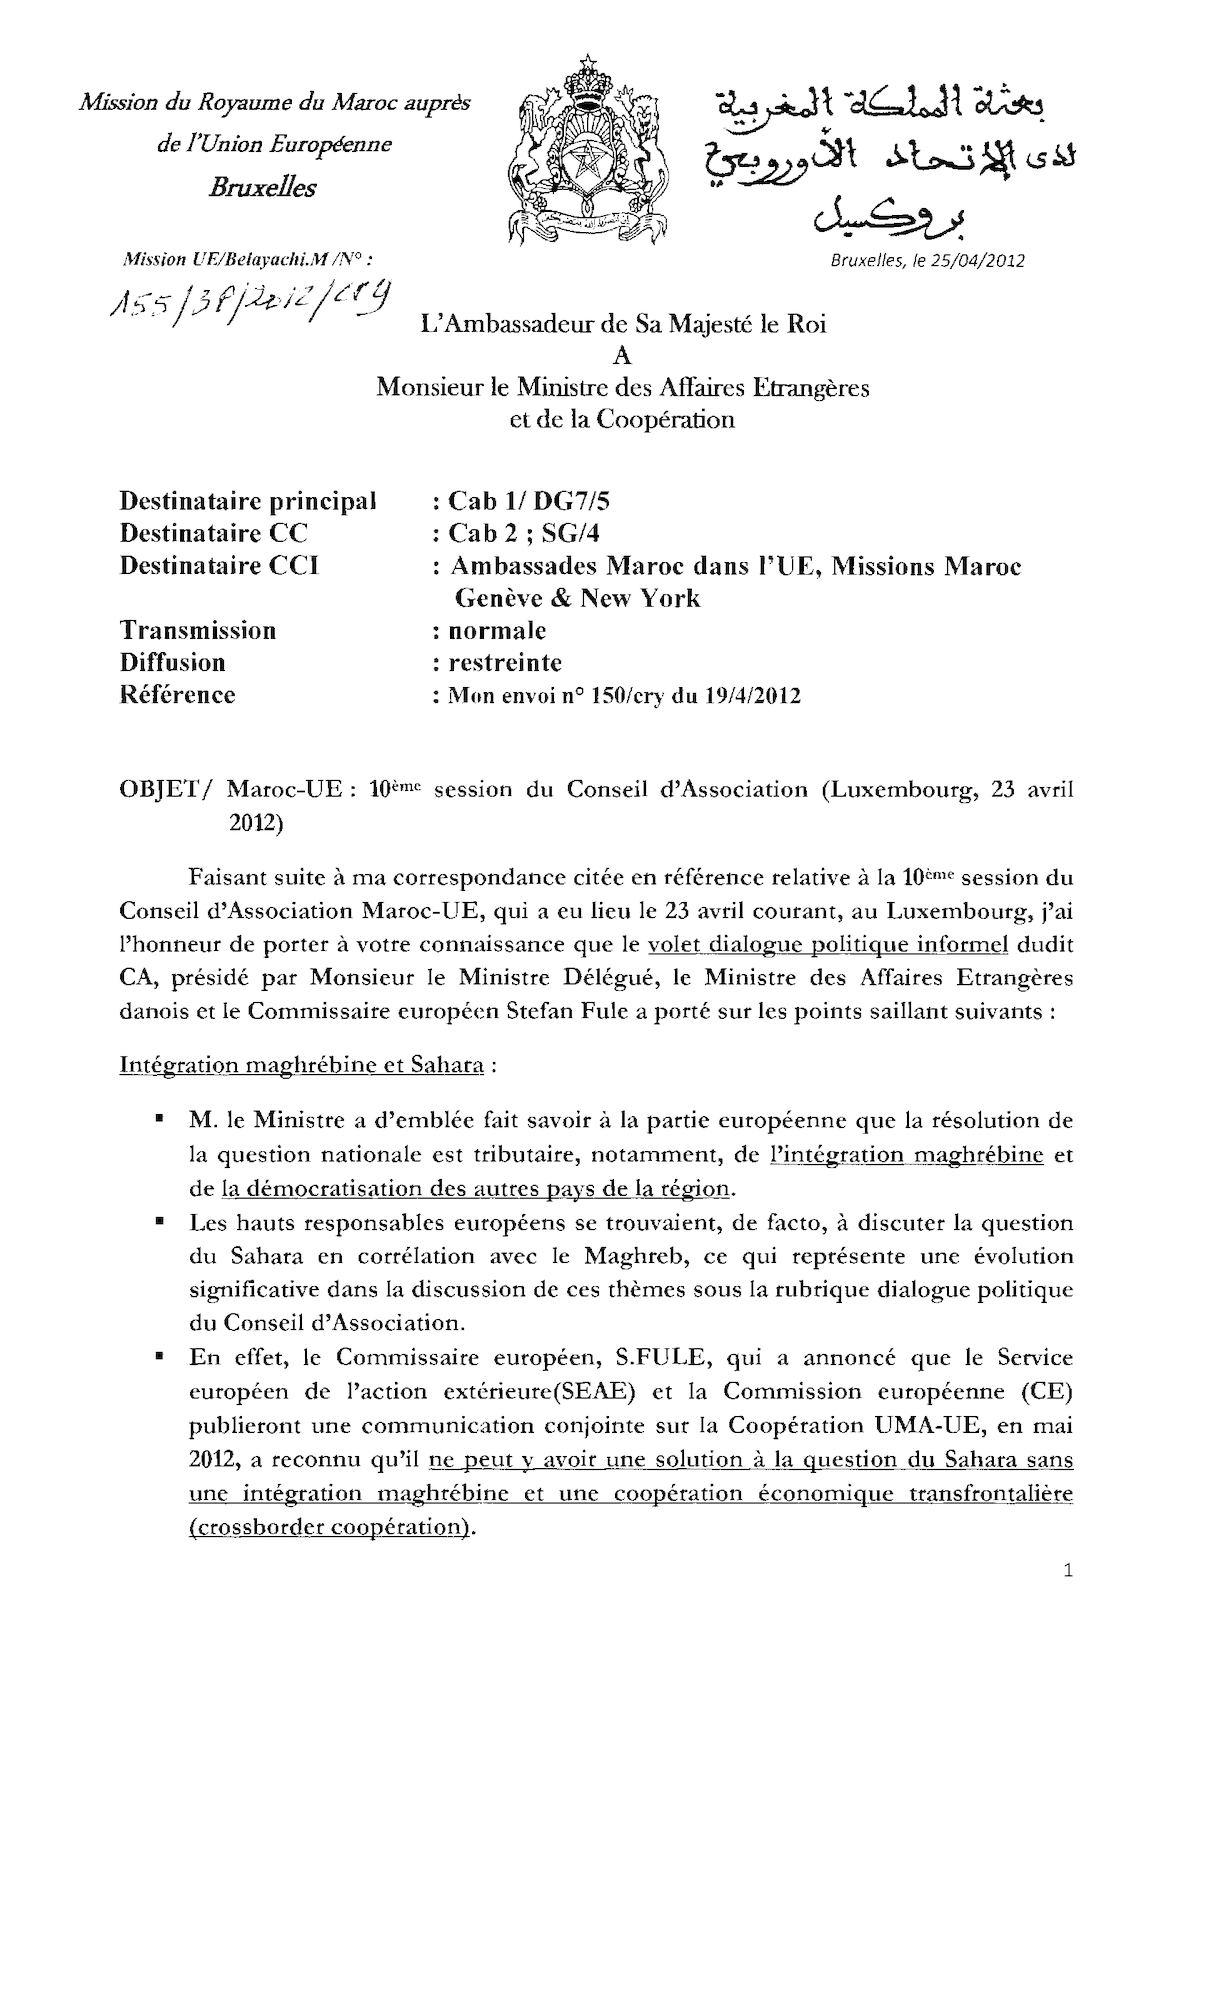 Maroc Ue 10ème Session Du Conseil